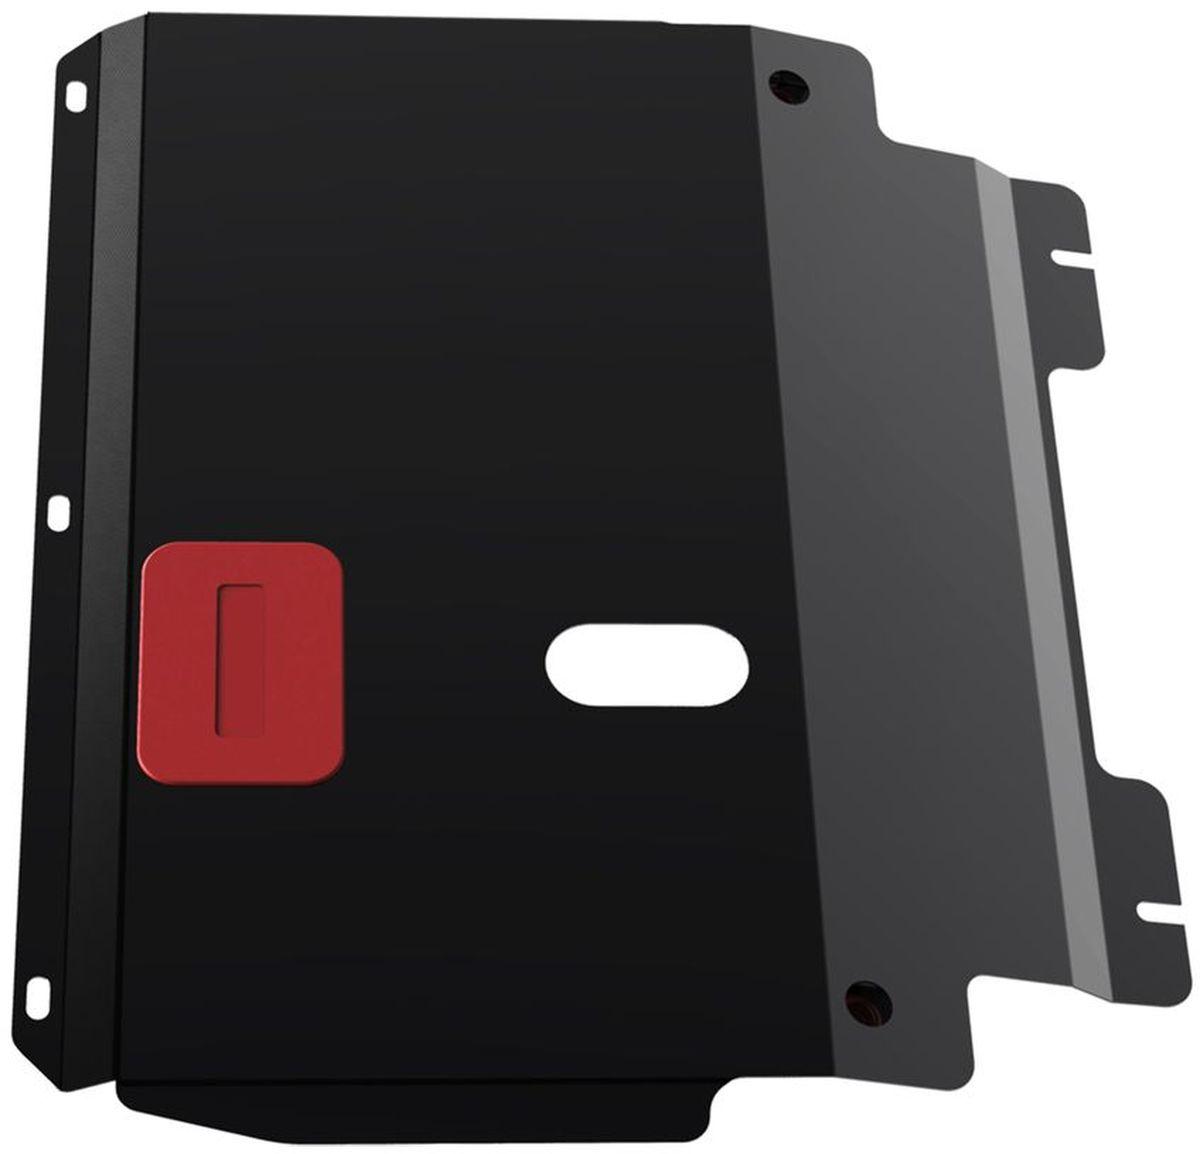 Защита картера и КПП Автоброня, для Ford Fiesta/Fusion. 111.01806.3111.01806.3Технологически совершенный продукт за невысокую стоимость. Защита разработана с учетом особенностей днища автомобиля, что позволяет сохранить дорожный просвет с минимальным изменением. Защита устанавливается в штатные места кузова автомобиля. Глубокий штамп обеспечивает до двух раз больше жесткости в сравнении с обычной защитой той же толщины. Проштампованные ребра жесткости препятствуют деформации защиты при ударах. Тепловой зазор и вентиляционные отверстия обеспечивают сохранение температурного режима двигателя в норме. Скрытый крепеж предотвращает срыв крепежных элементов при наезде на препятствие. Шумопоглощающие резиновые элементы обеспечивают комфортную езду без вибраций и скрежета металла, а съемные лючки для слива масла и замены фильтра - экономию средств и время. Конструкция изделия не влияет на пассивную безопасность автомобиля (при ударе защита не воздействует на деформационные зоны кузова). Со штатным крепежом. В комплекте инструкция по...